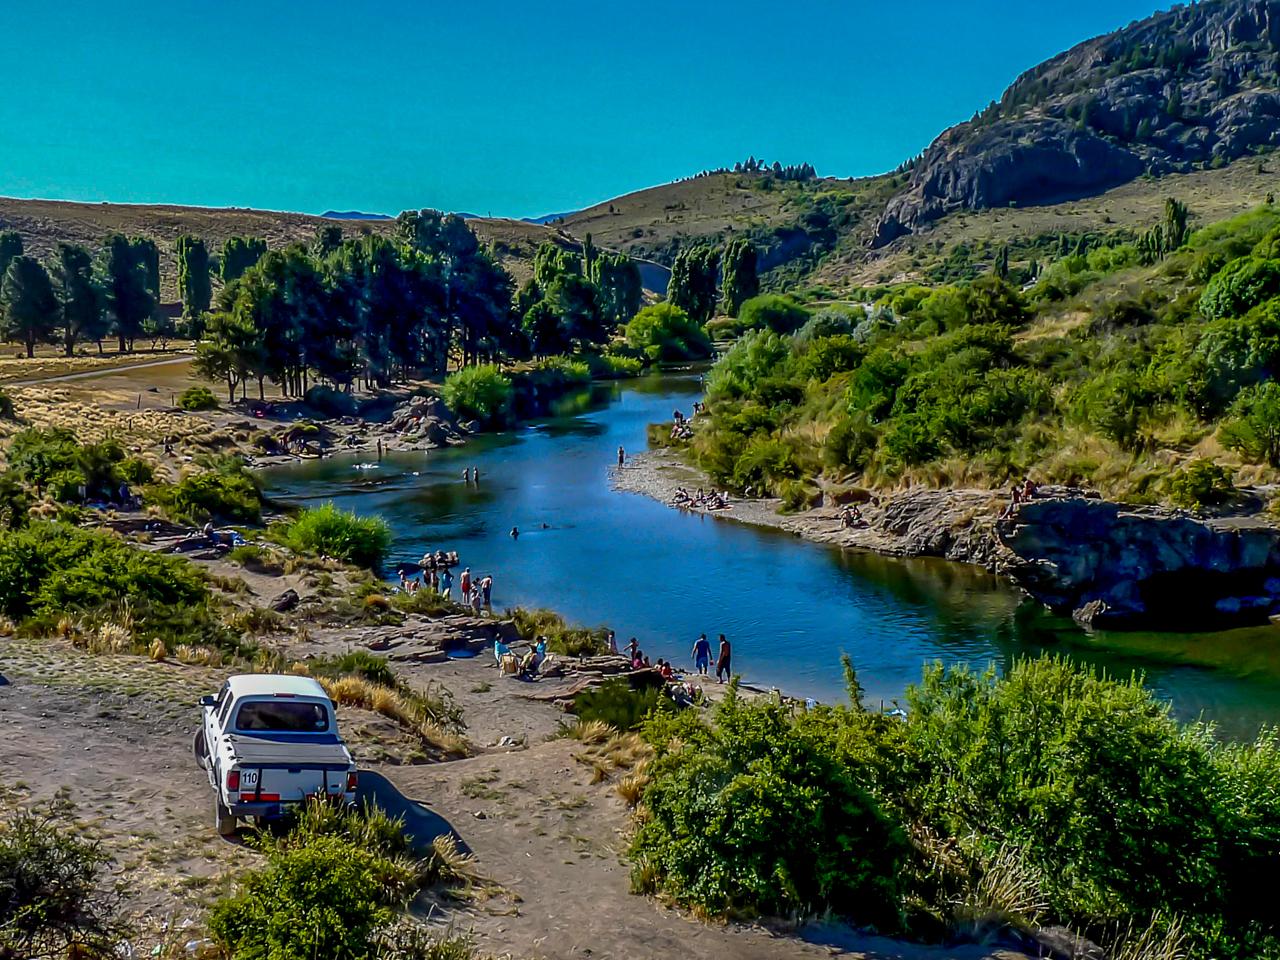 río ñirihuau